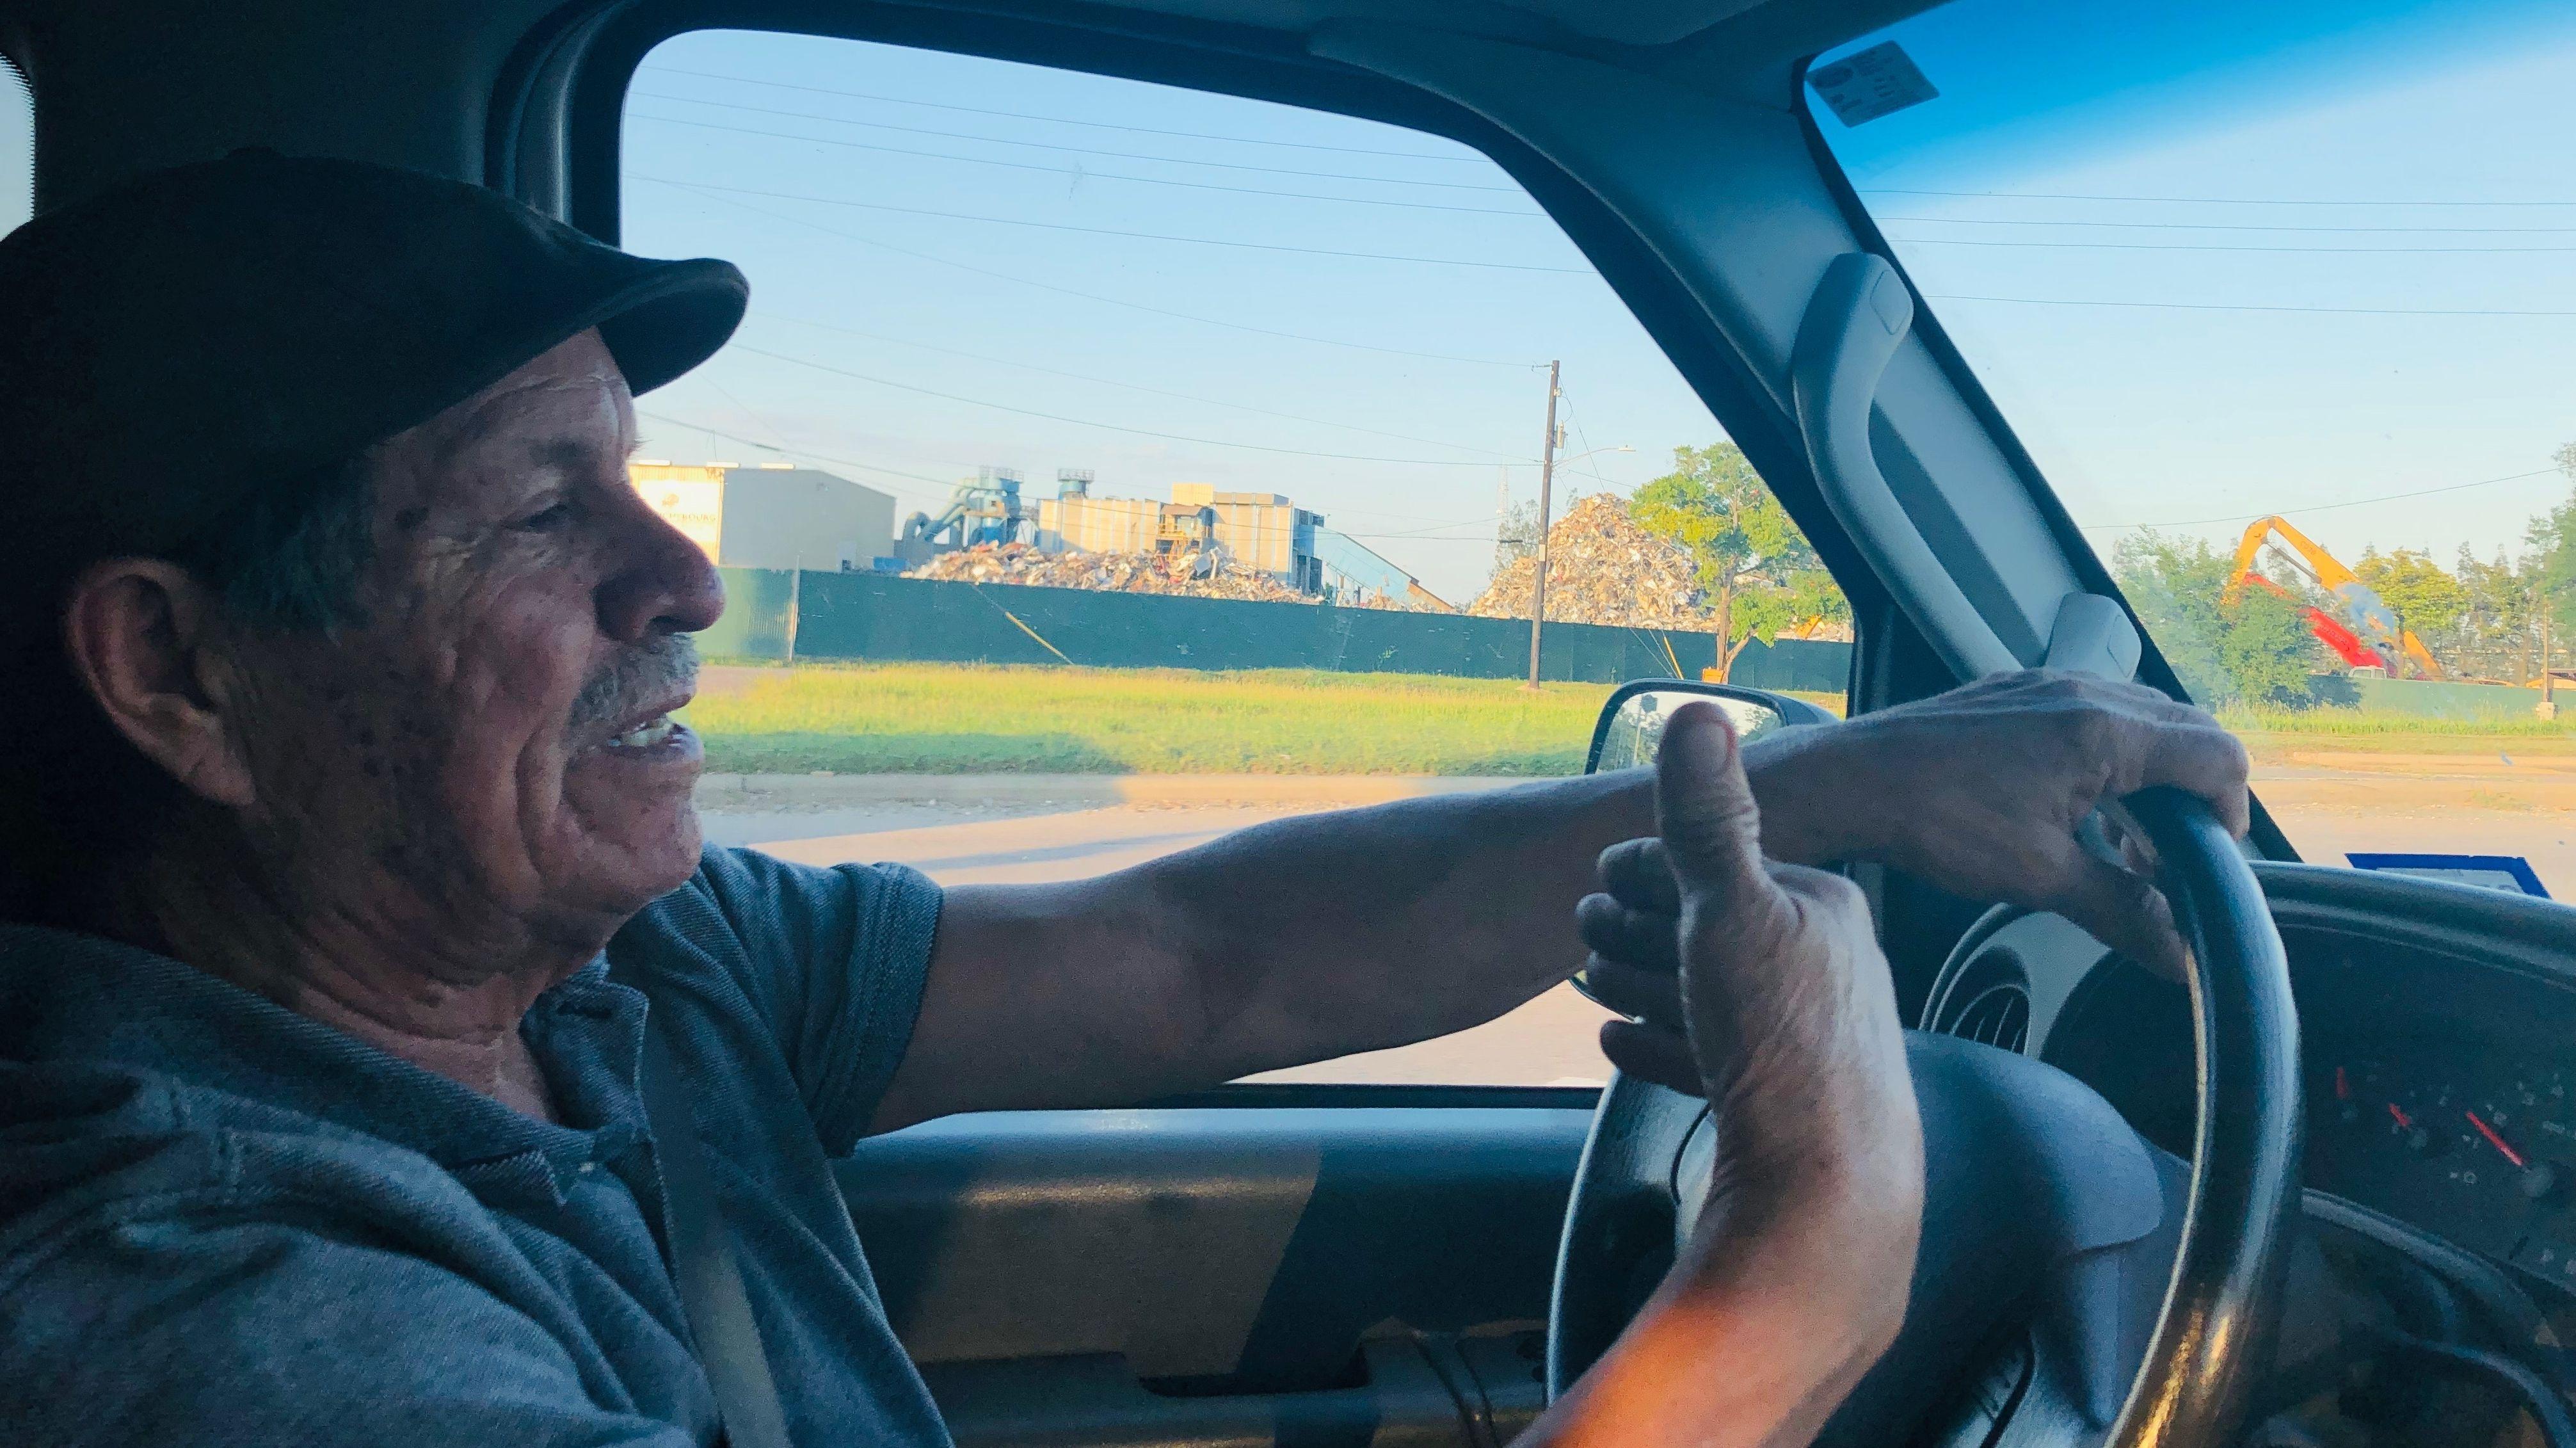 Juan Parras fährt mit seinem Pick Up Truck herum und dokumentiert Umweltverschmutzung.